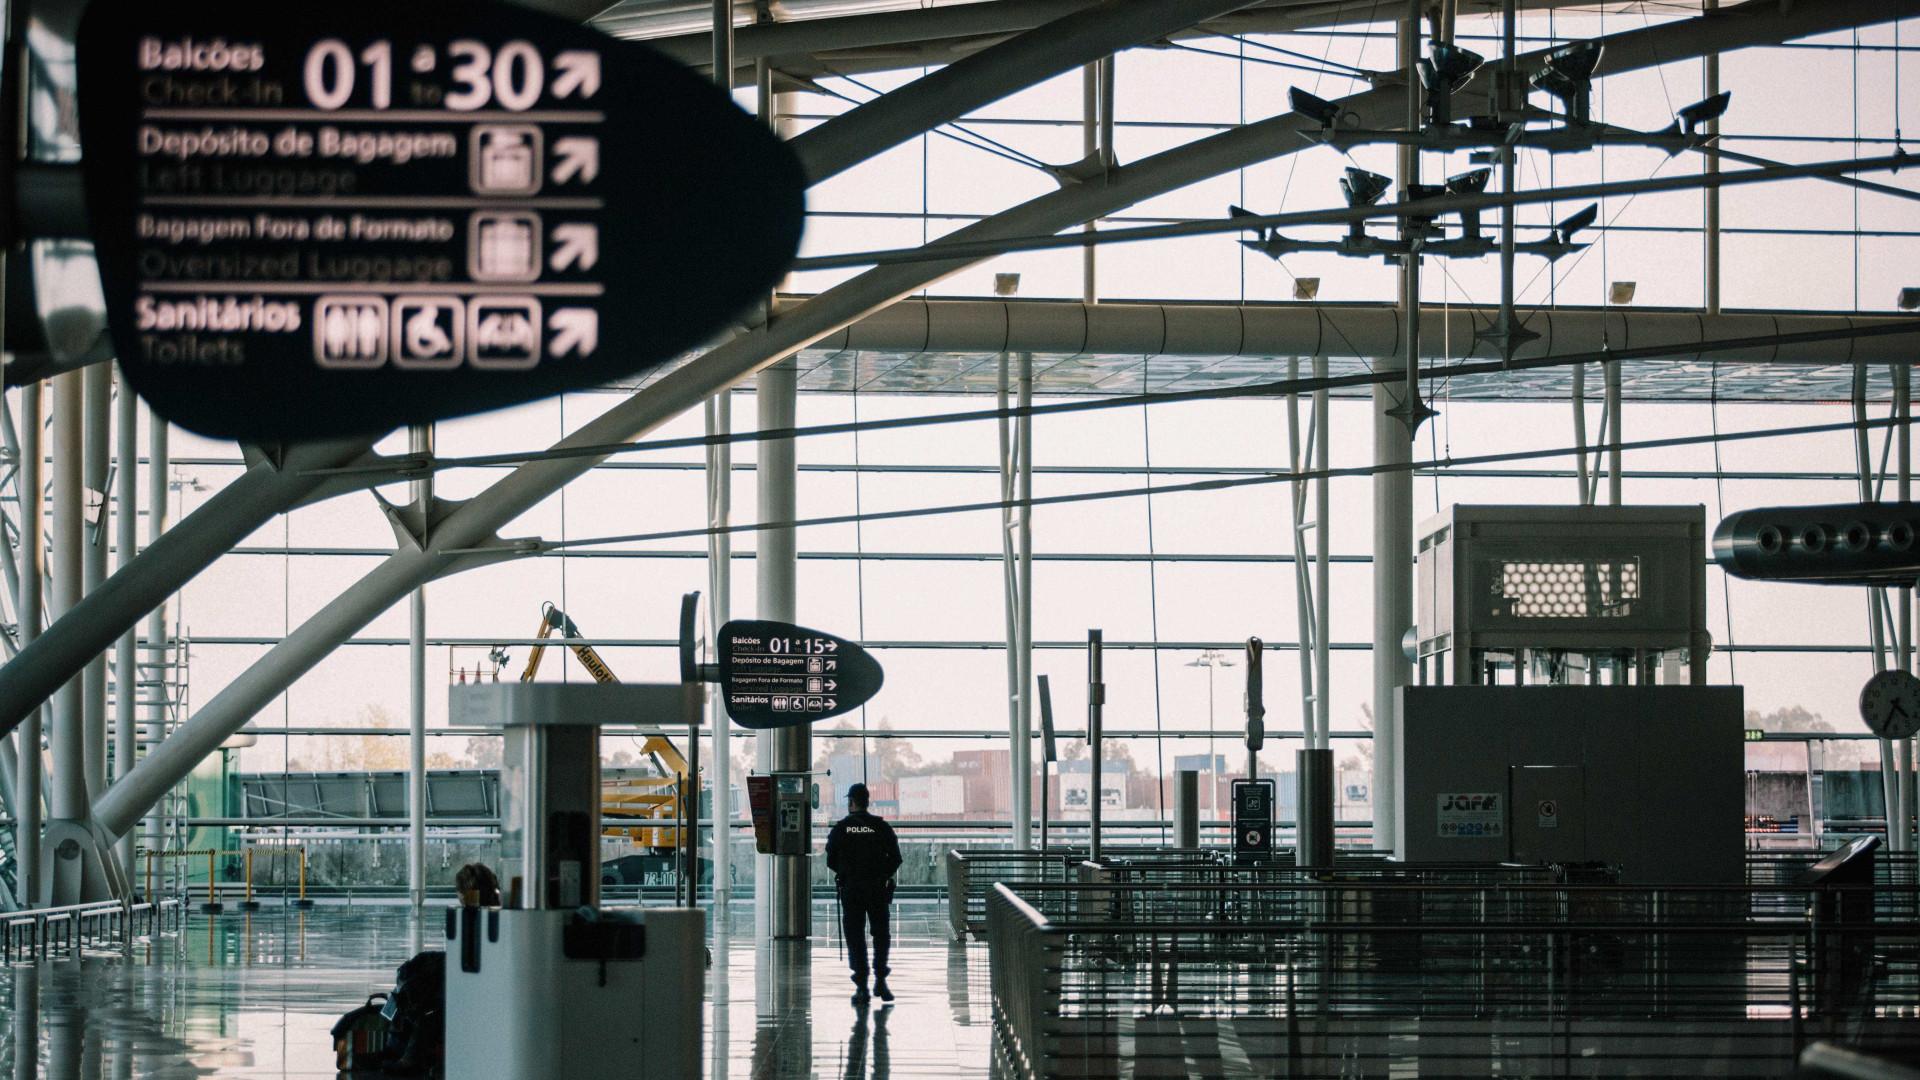 Com esta aplicação ficou mais fácil aceder à internet de aeroportos